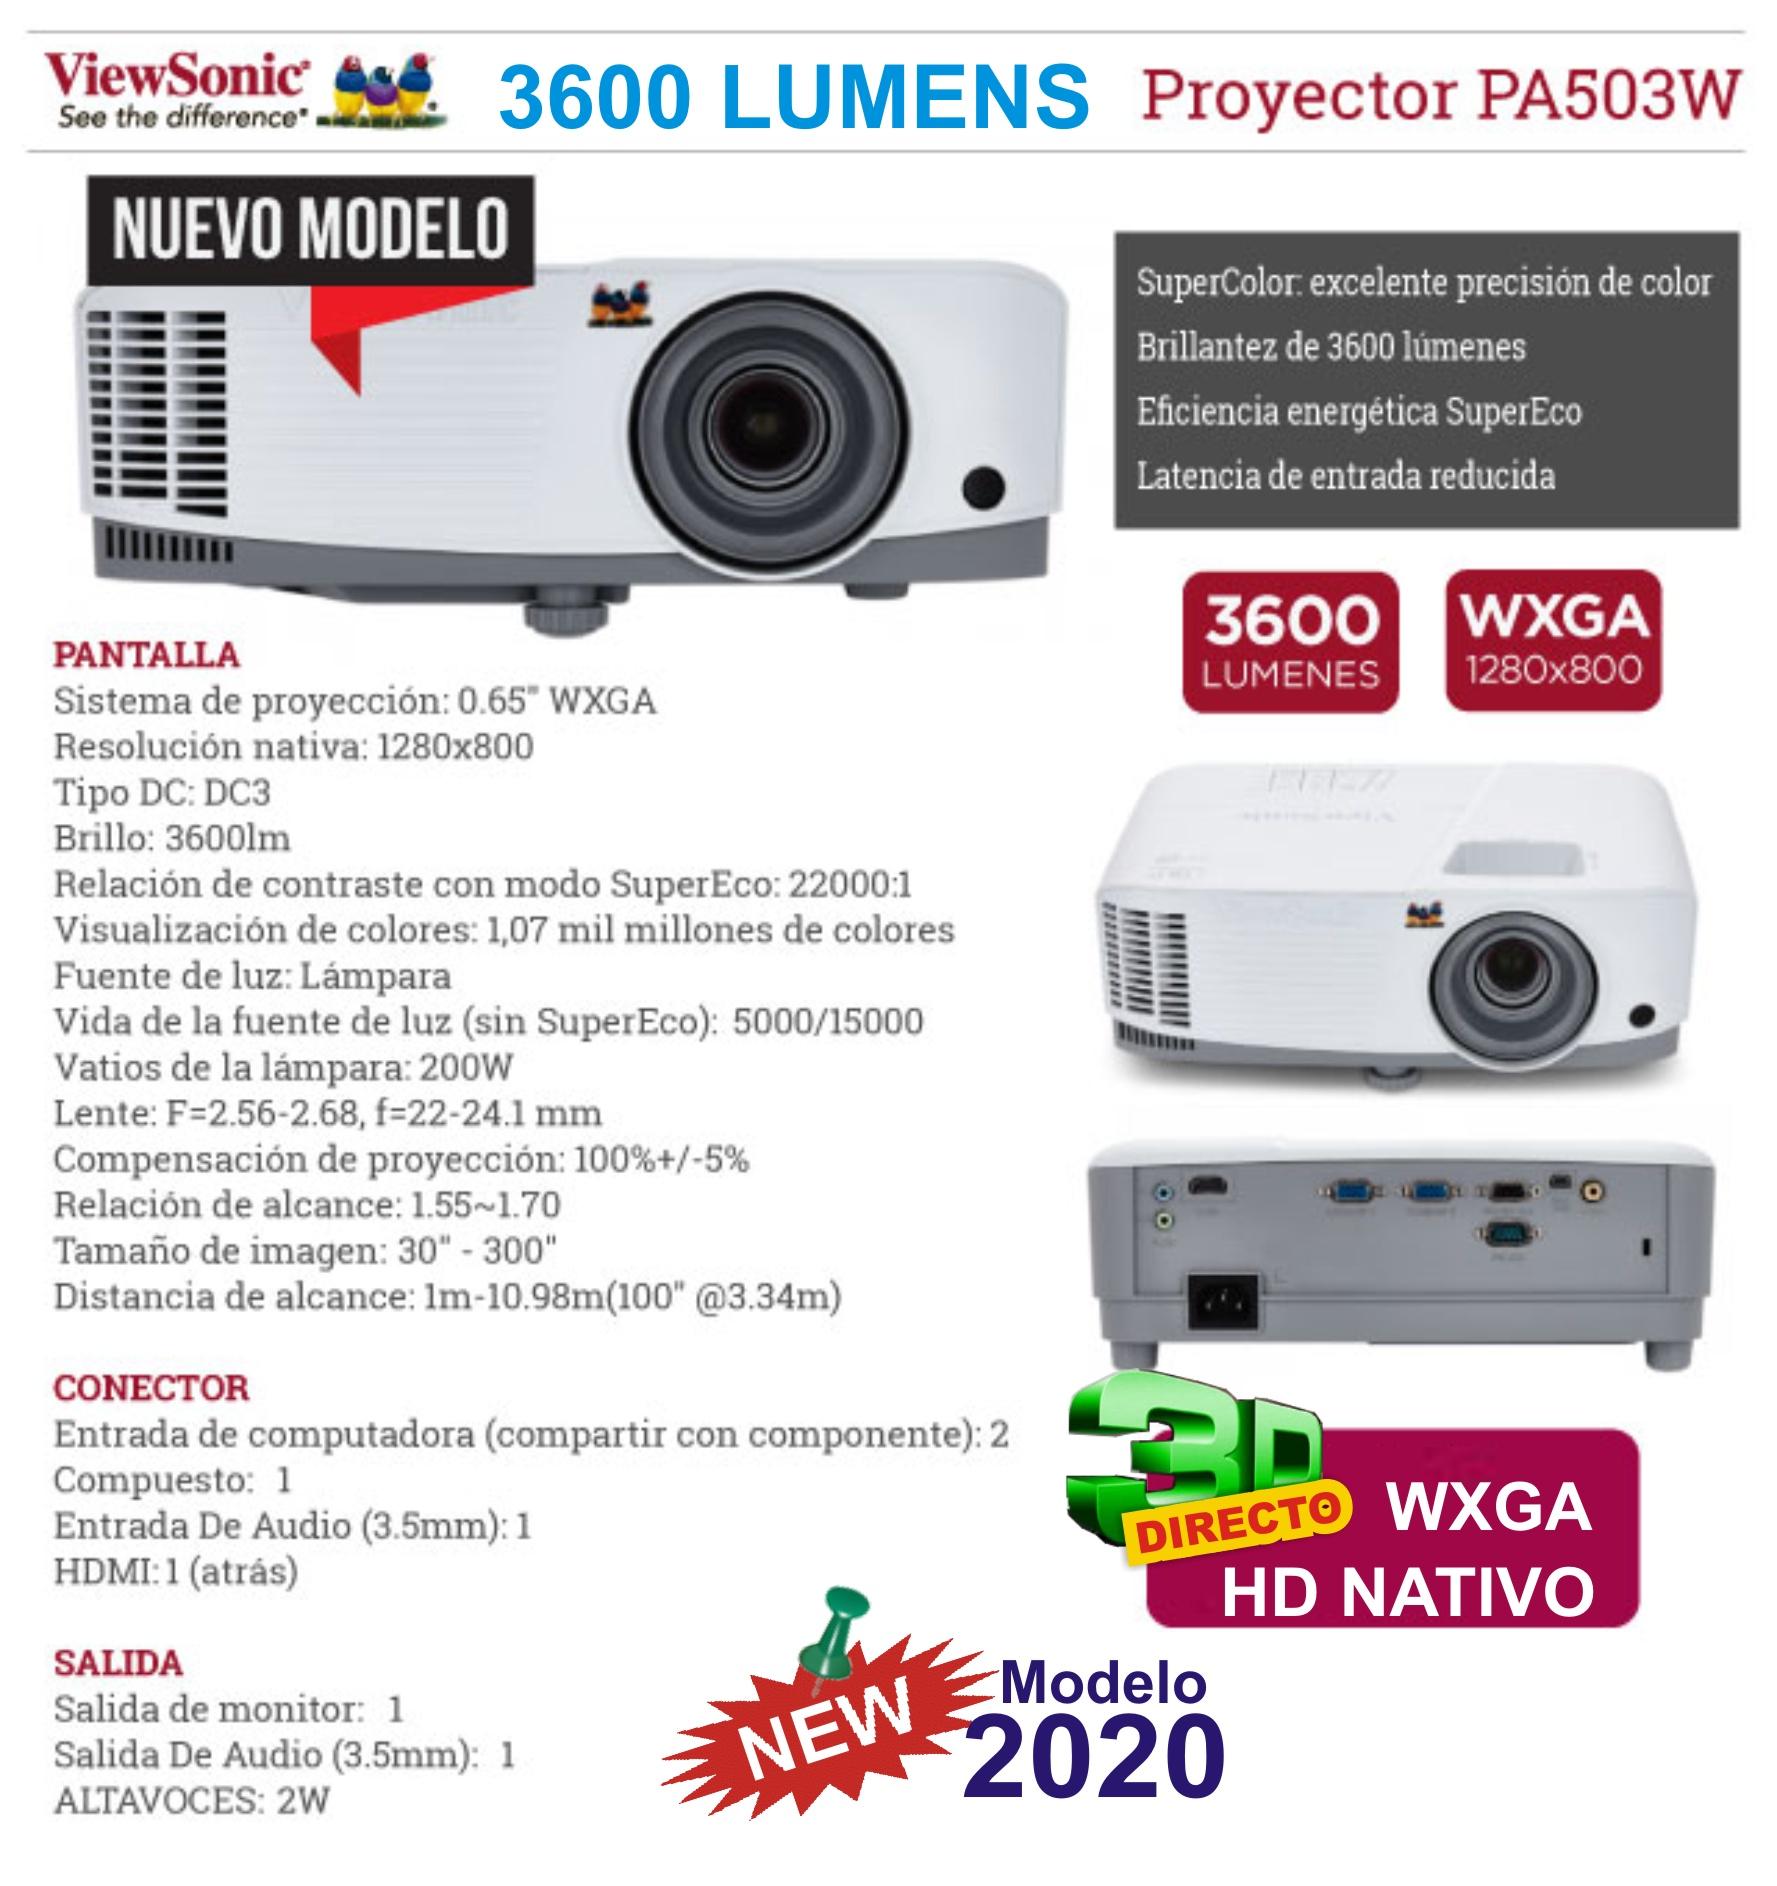 viewsonic pa 503 w 2020